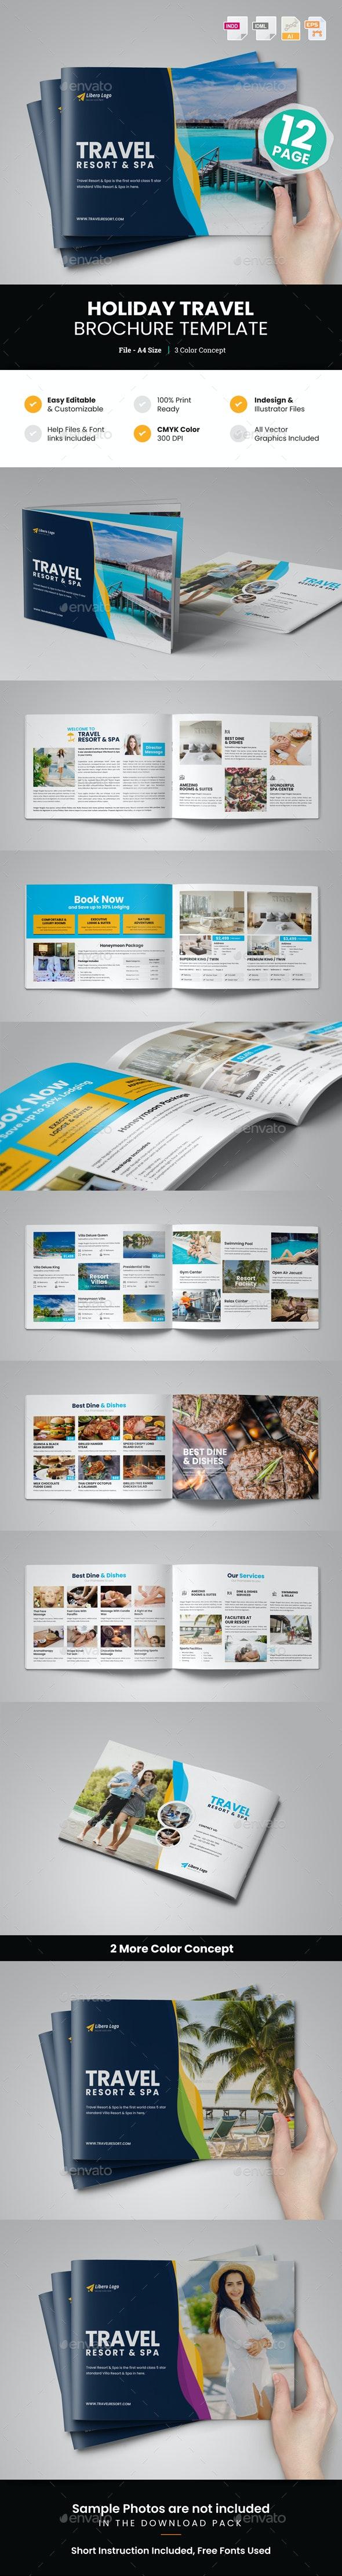 Holiday Travel Brochure Design v7 - Corporate Brochures